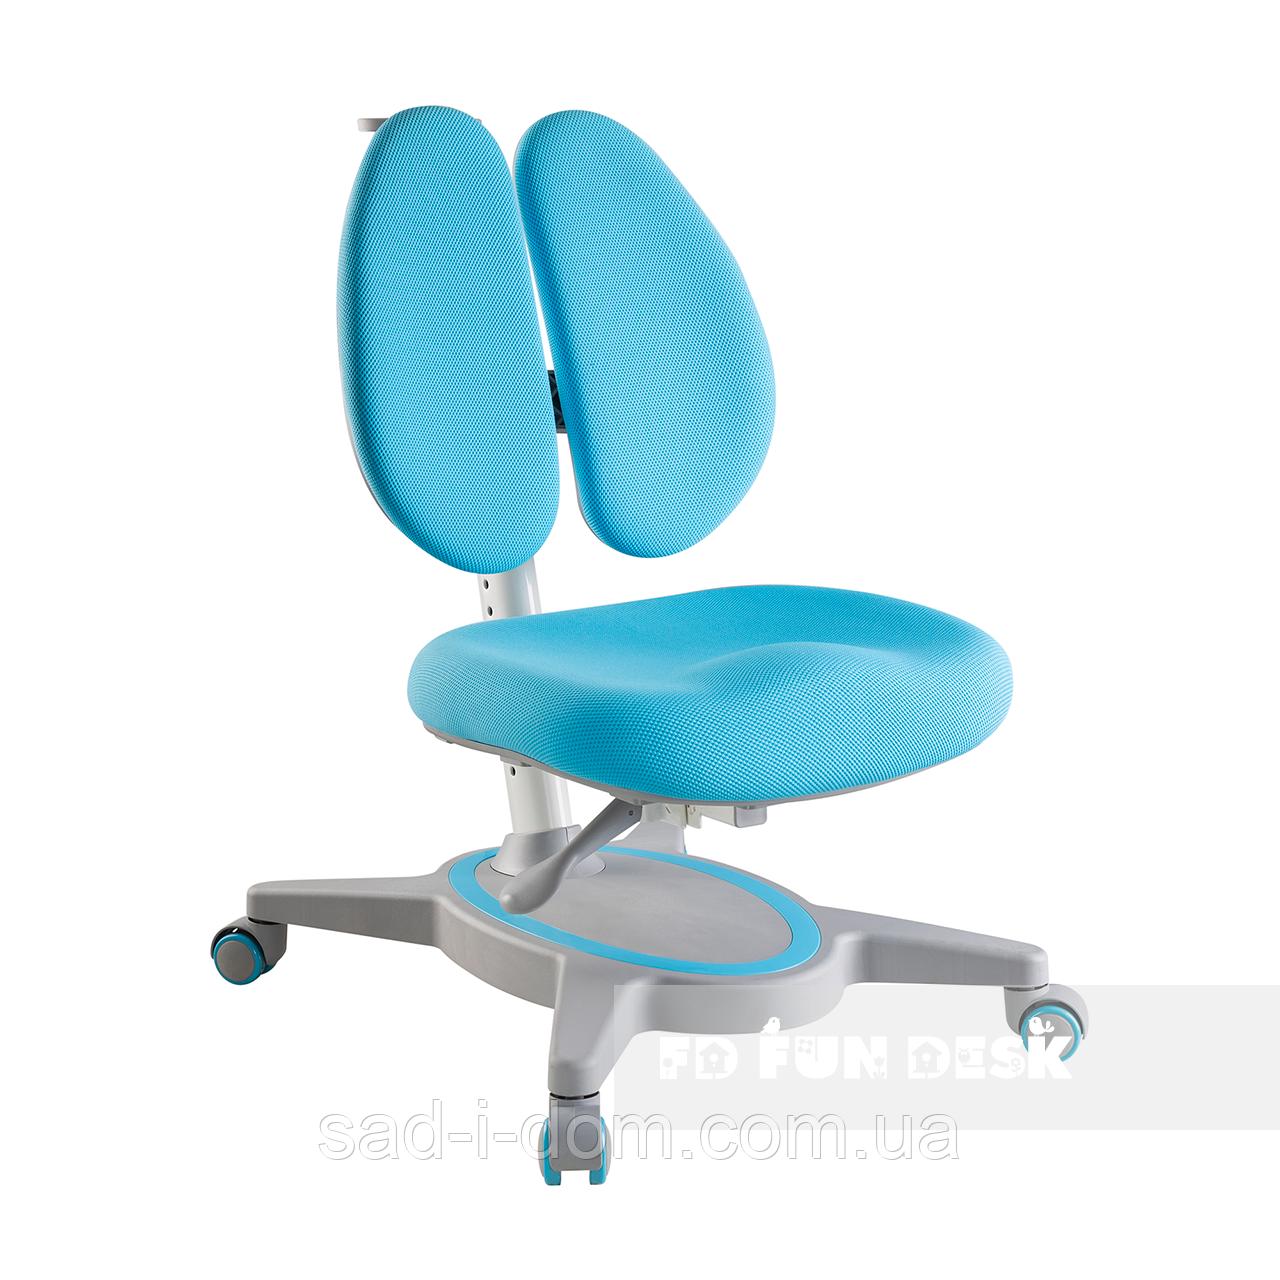 Детское ортопедическое компьютерное кресло FunDesk Primavera II голубой